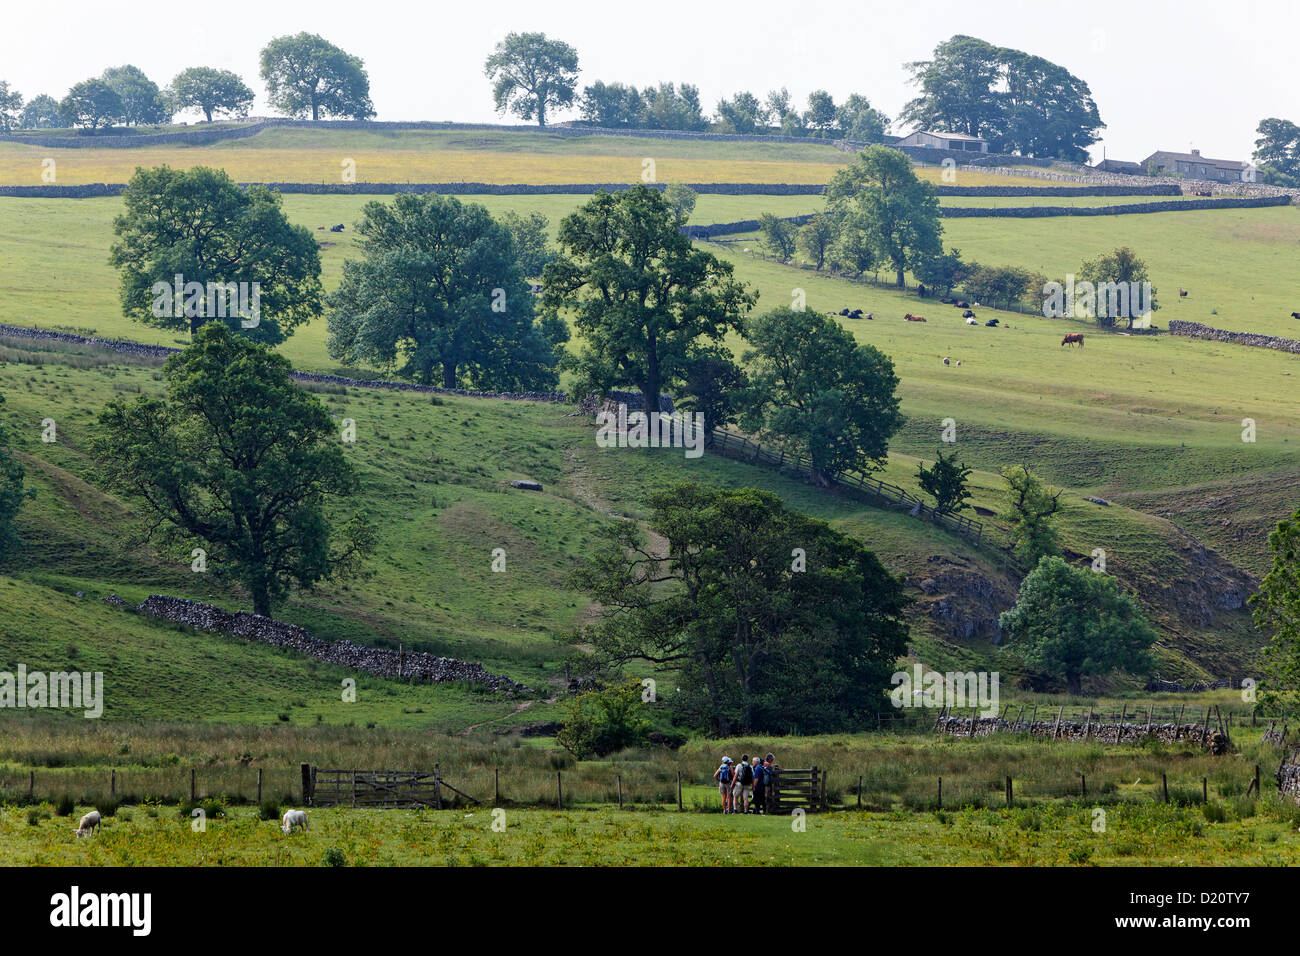 Idyllic landscape at Yorkshire Dales National Park, Yorkshire Dales, Yorkshire, England, Great Britain, Europe - Stock Image